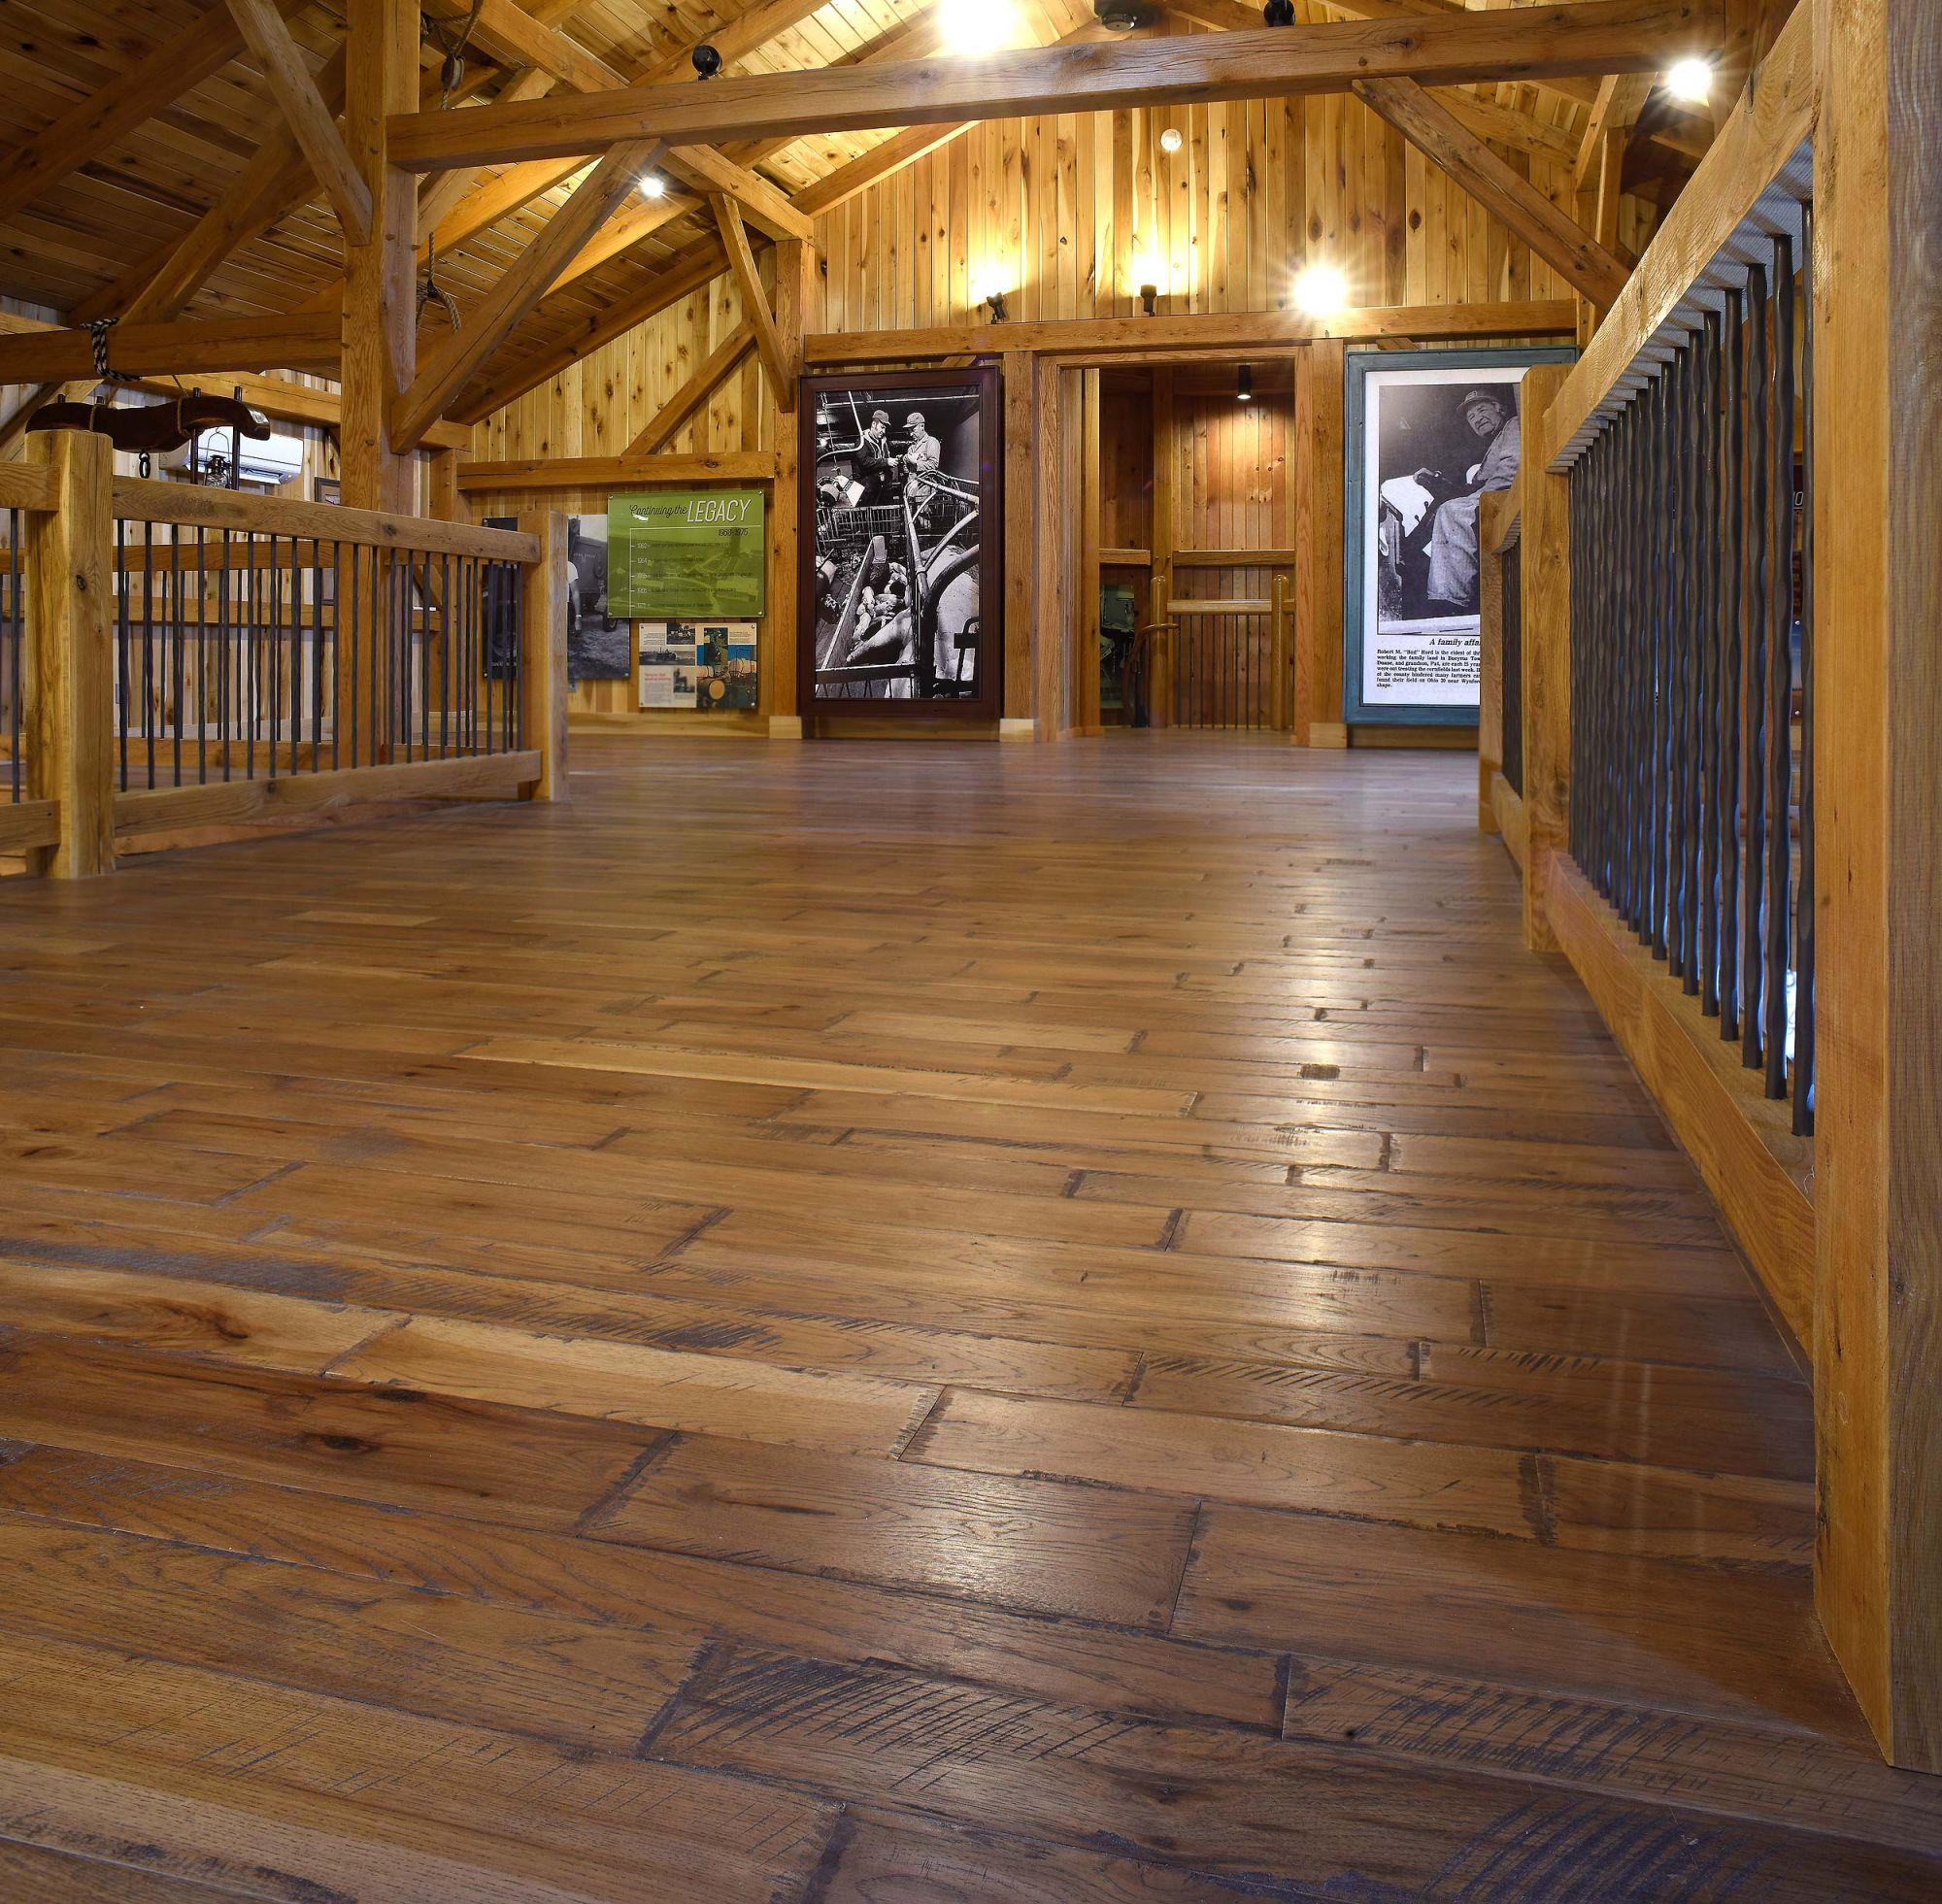 Click Wood Flooring Installation: Medium On Hickory Custom Hardwood Flooring Installation By